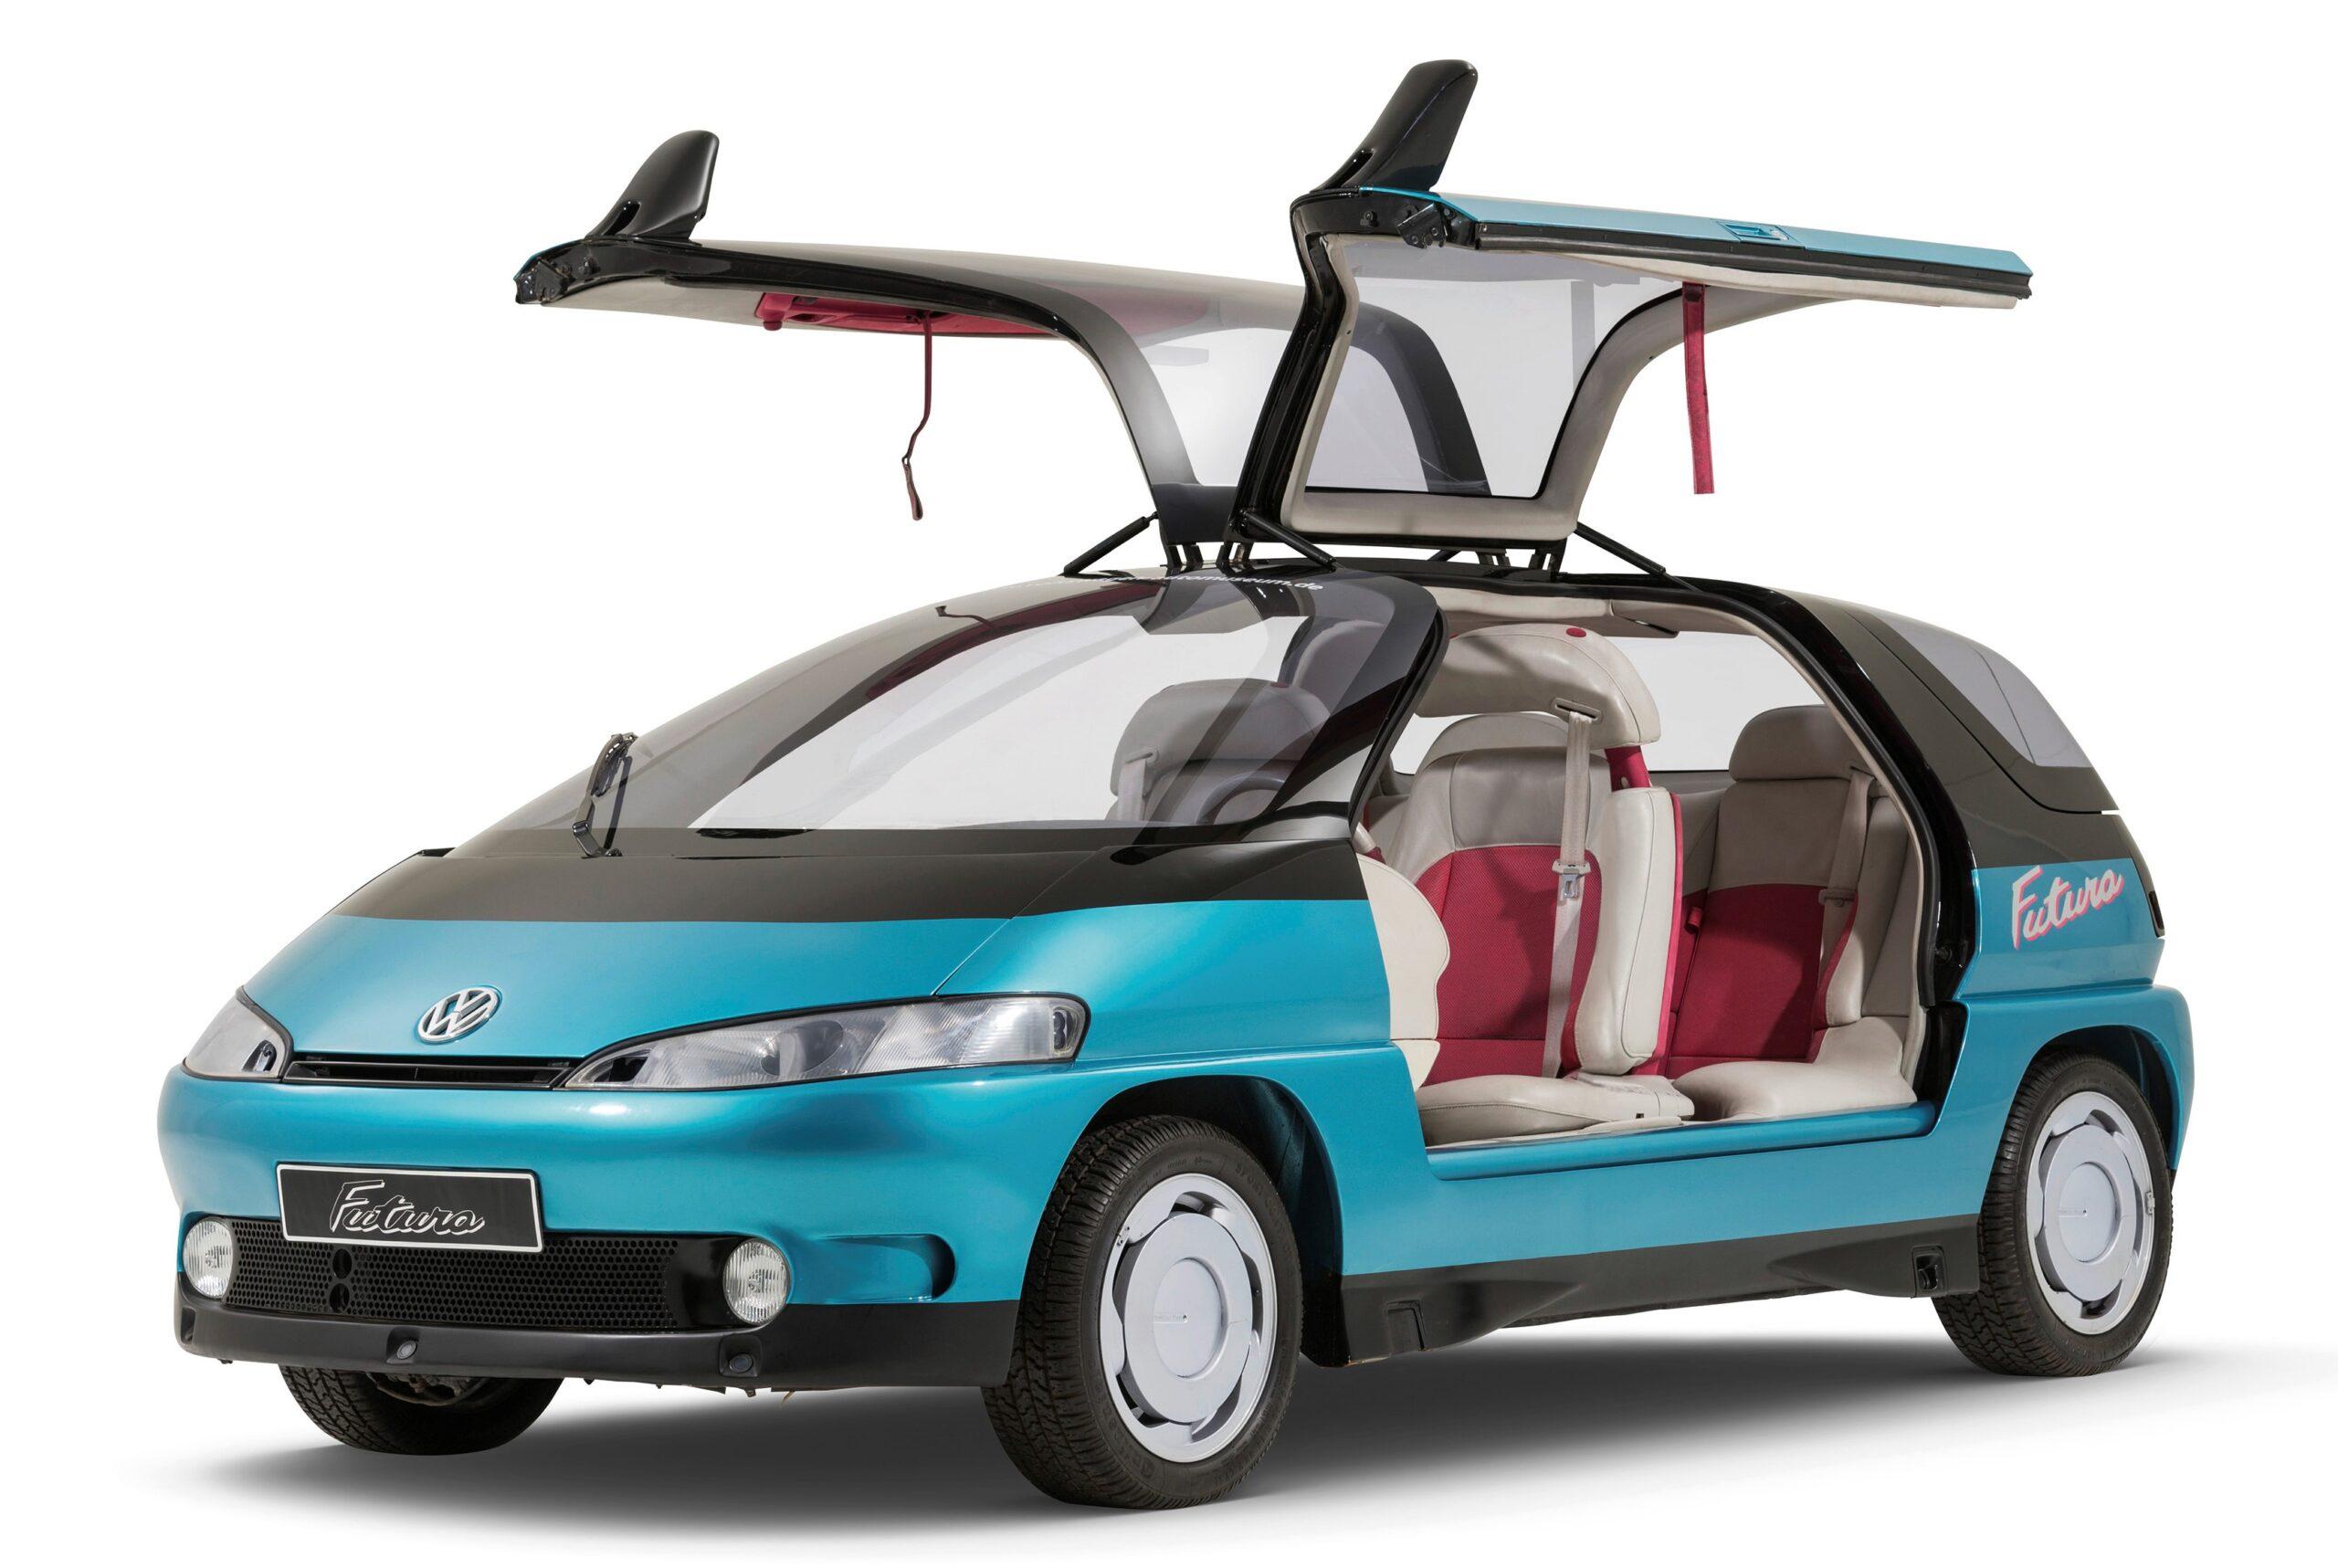 The futuristic VW Futura concept minivan